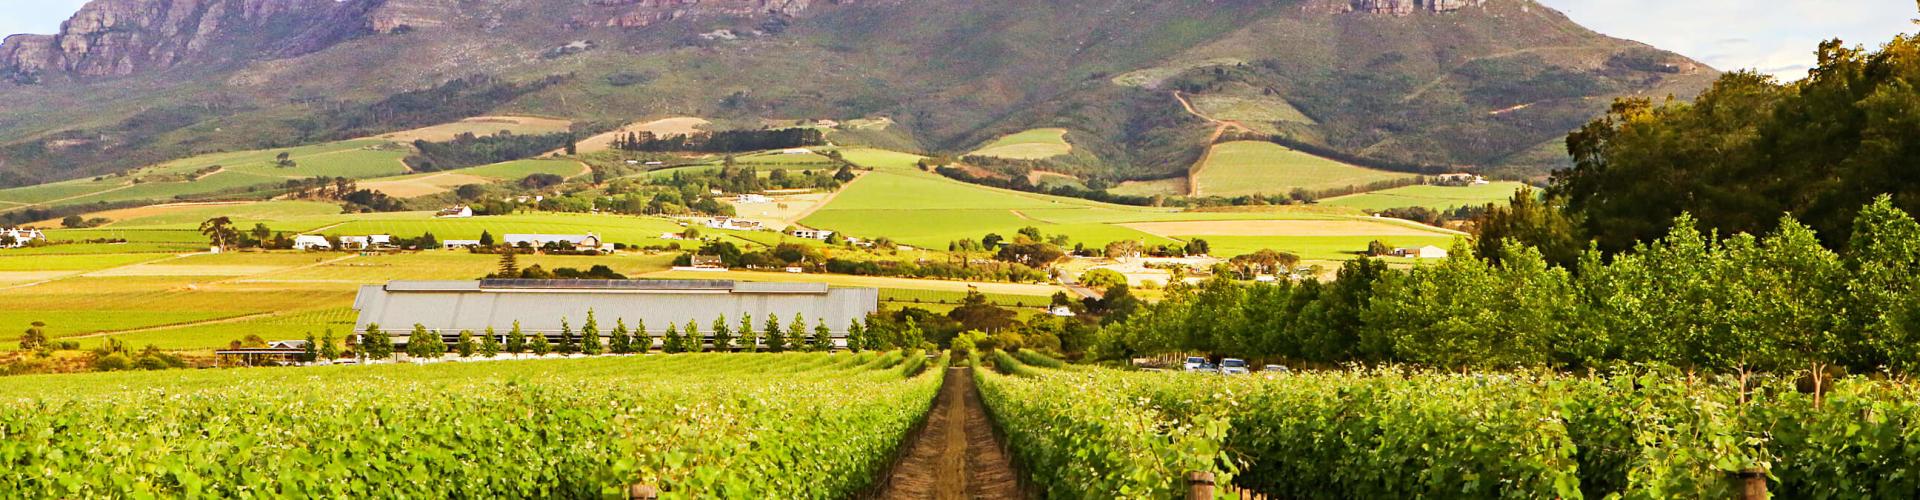 Wijnproeven Zuid-Afrika